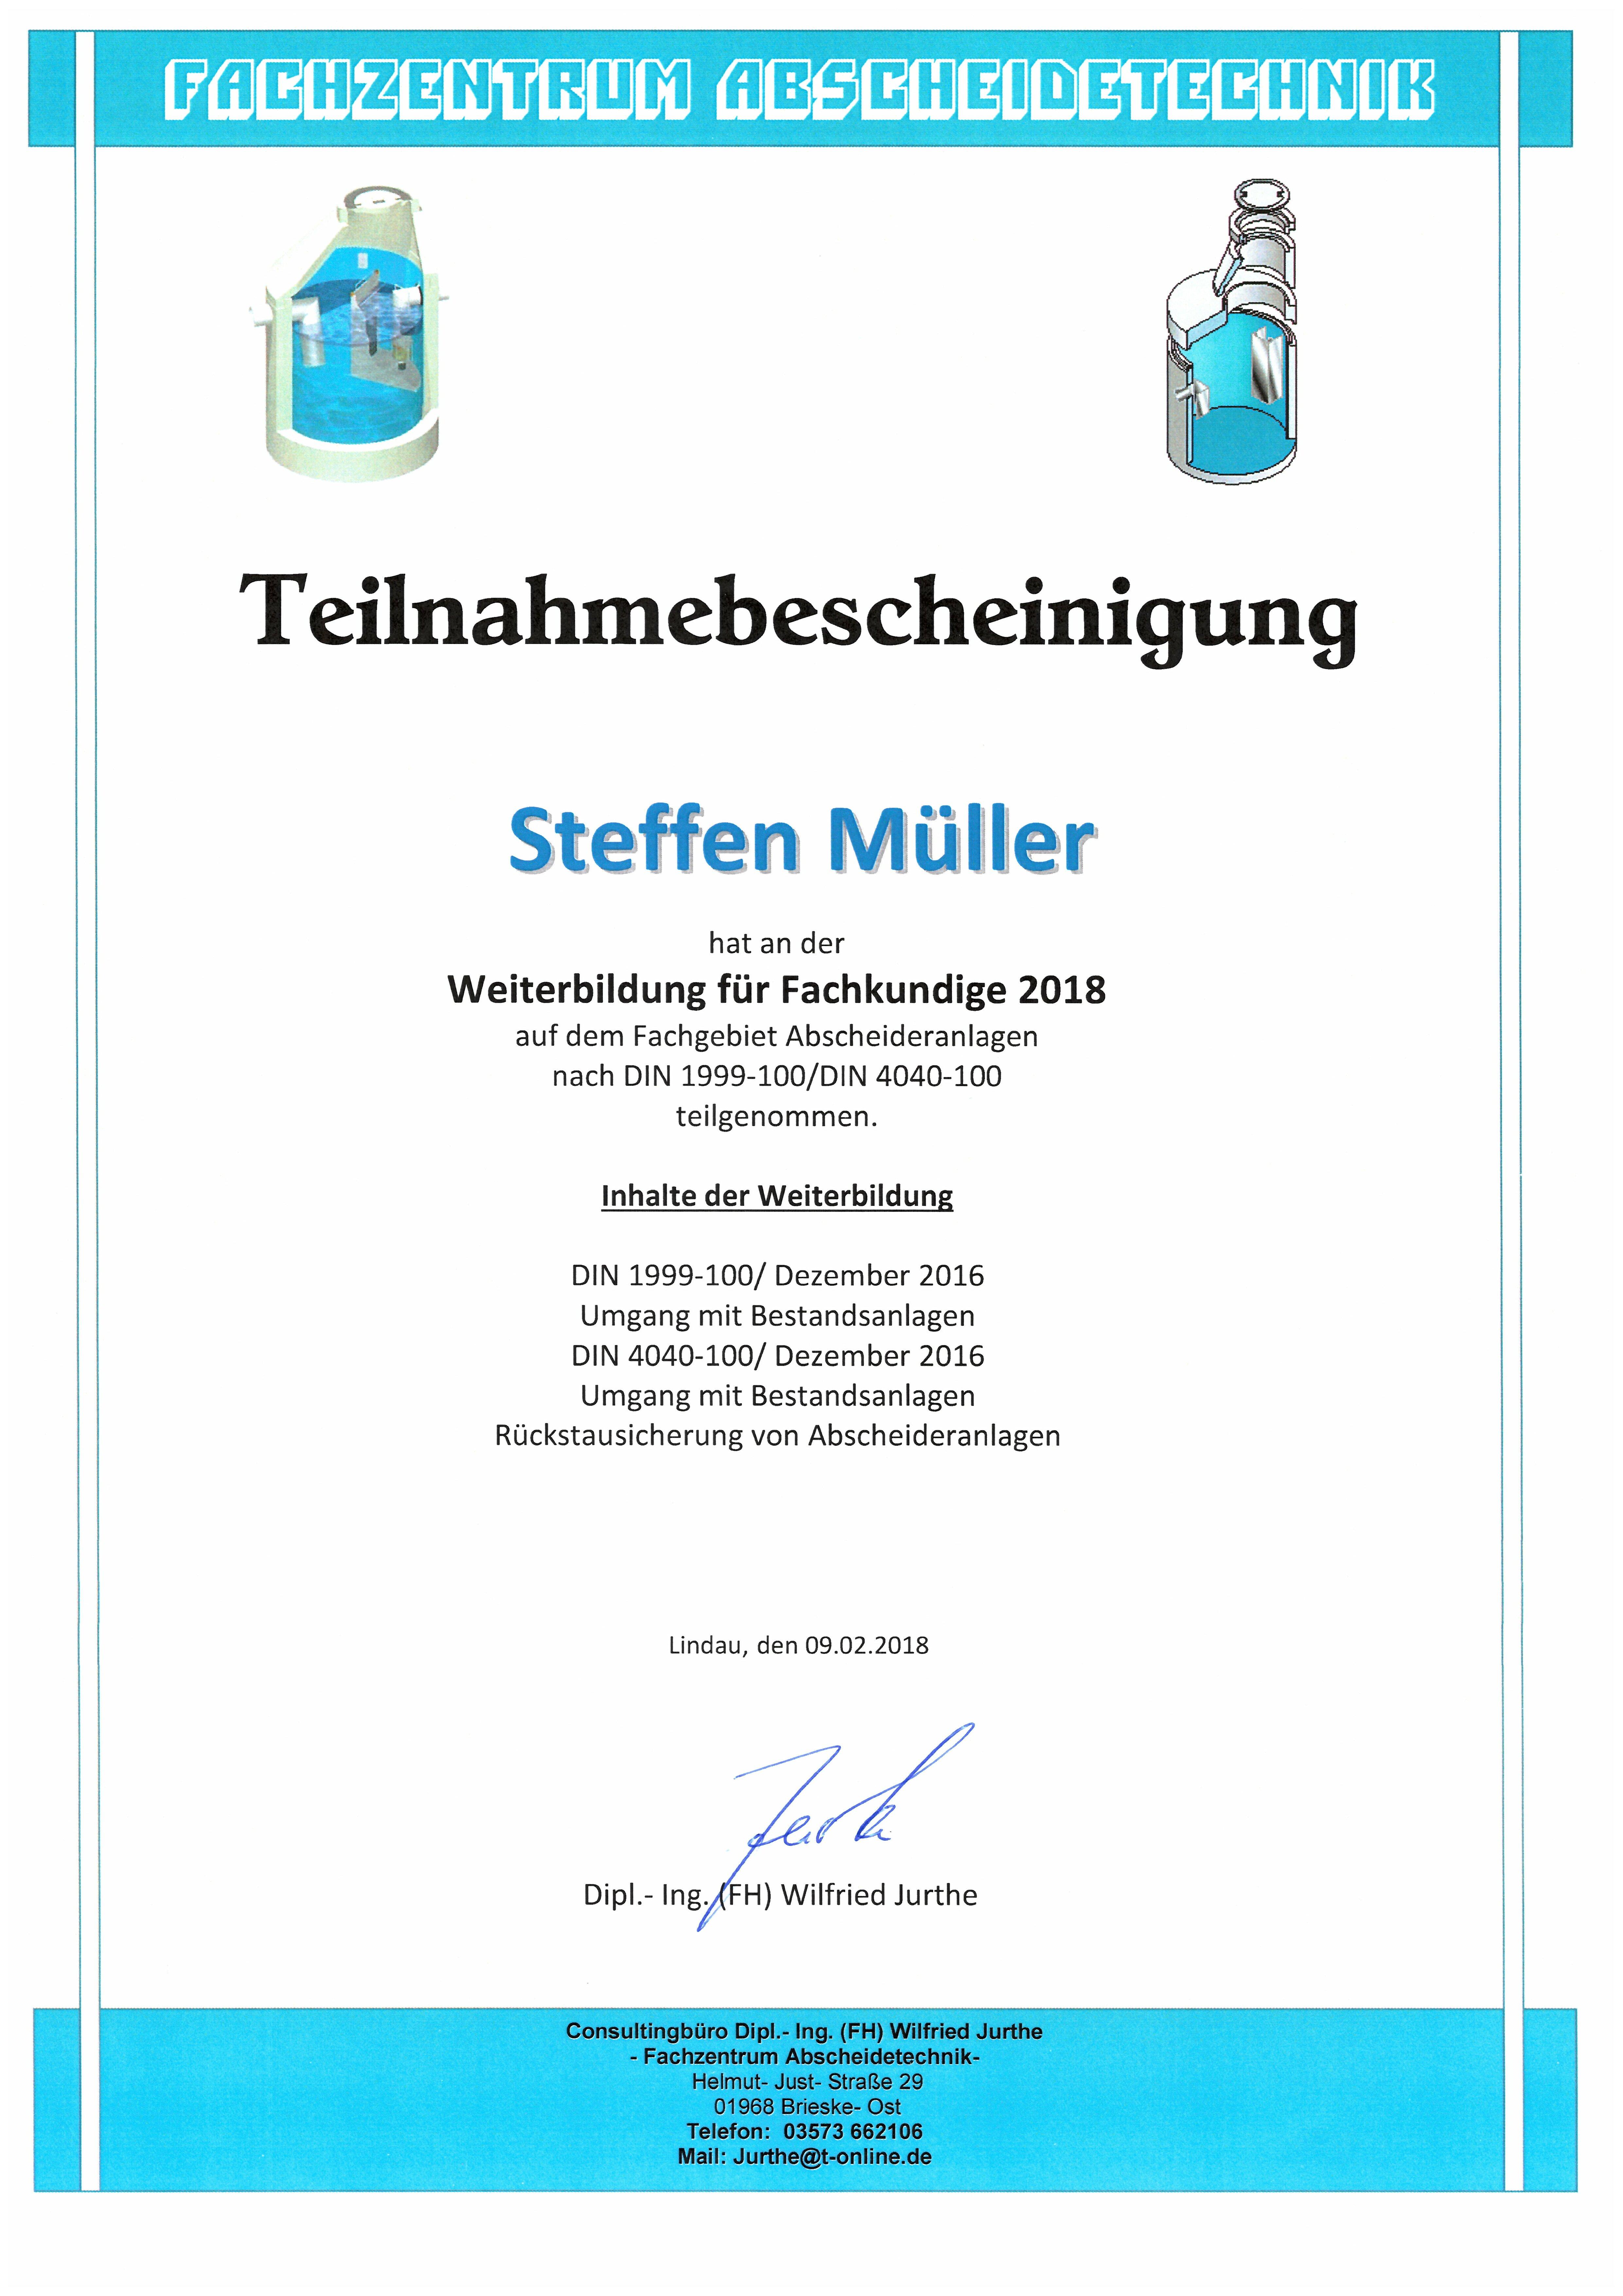 Weiterbildung Fachkunde Abscheideranlagen - S. Müller